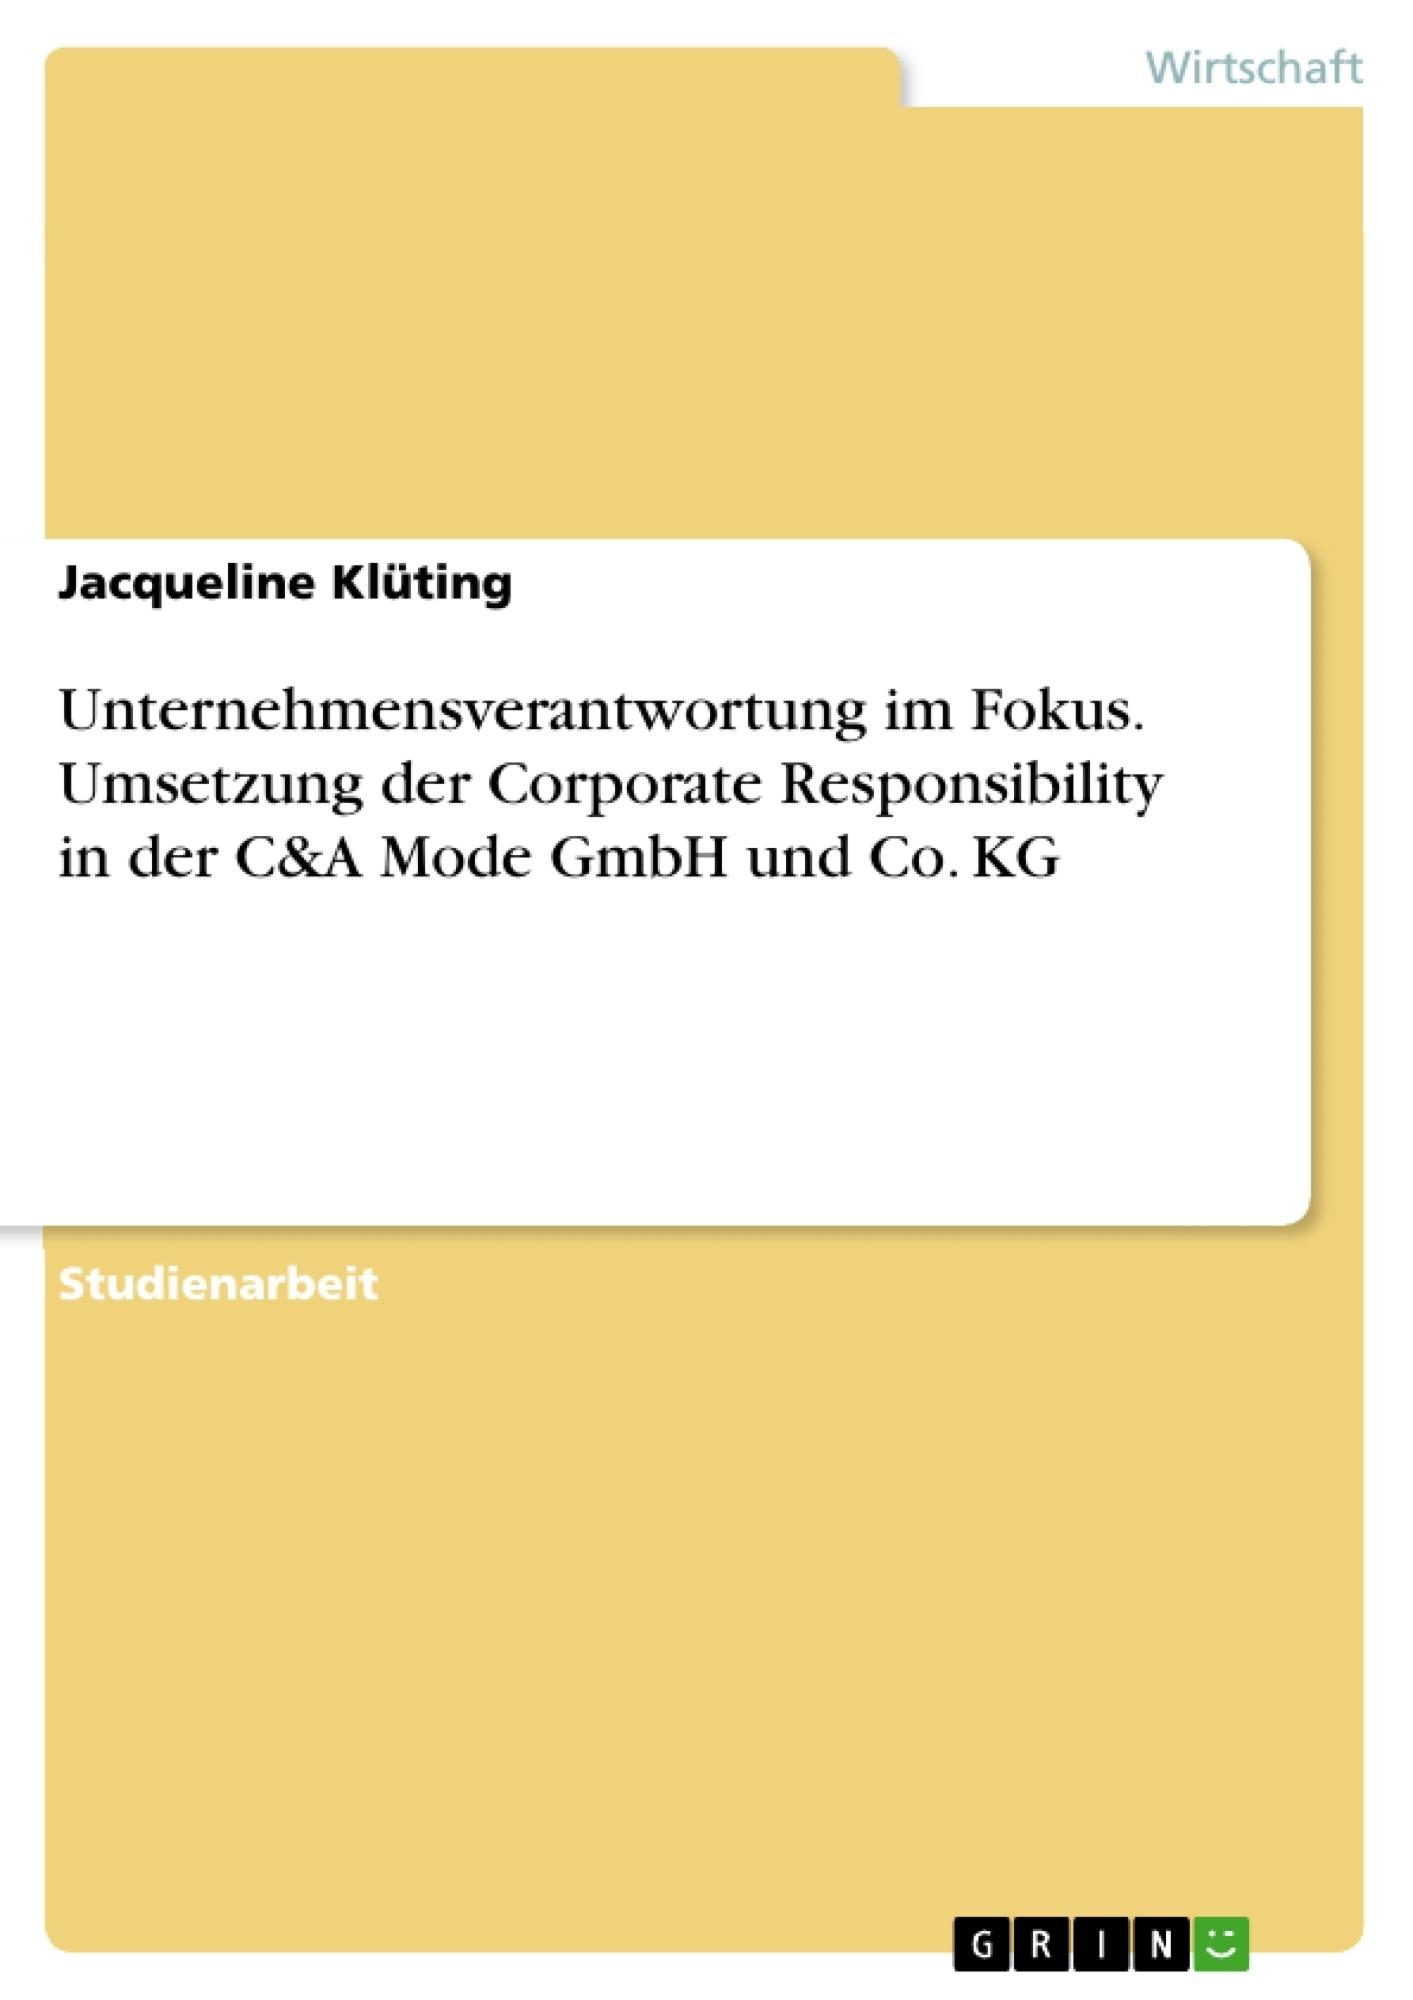 Titel: Unternehmensverantwortung im Fokus. Umsetzung der Corporate Responsibility in der C&A Mode GmbH und Co. KG